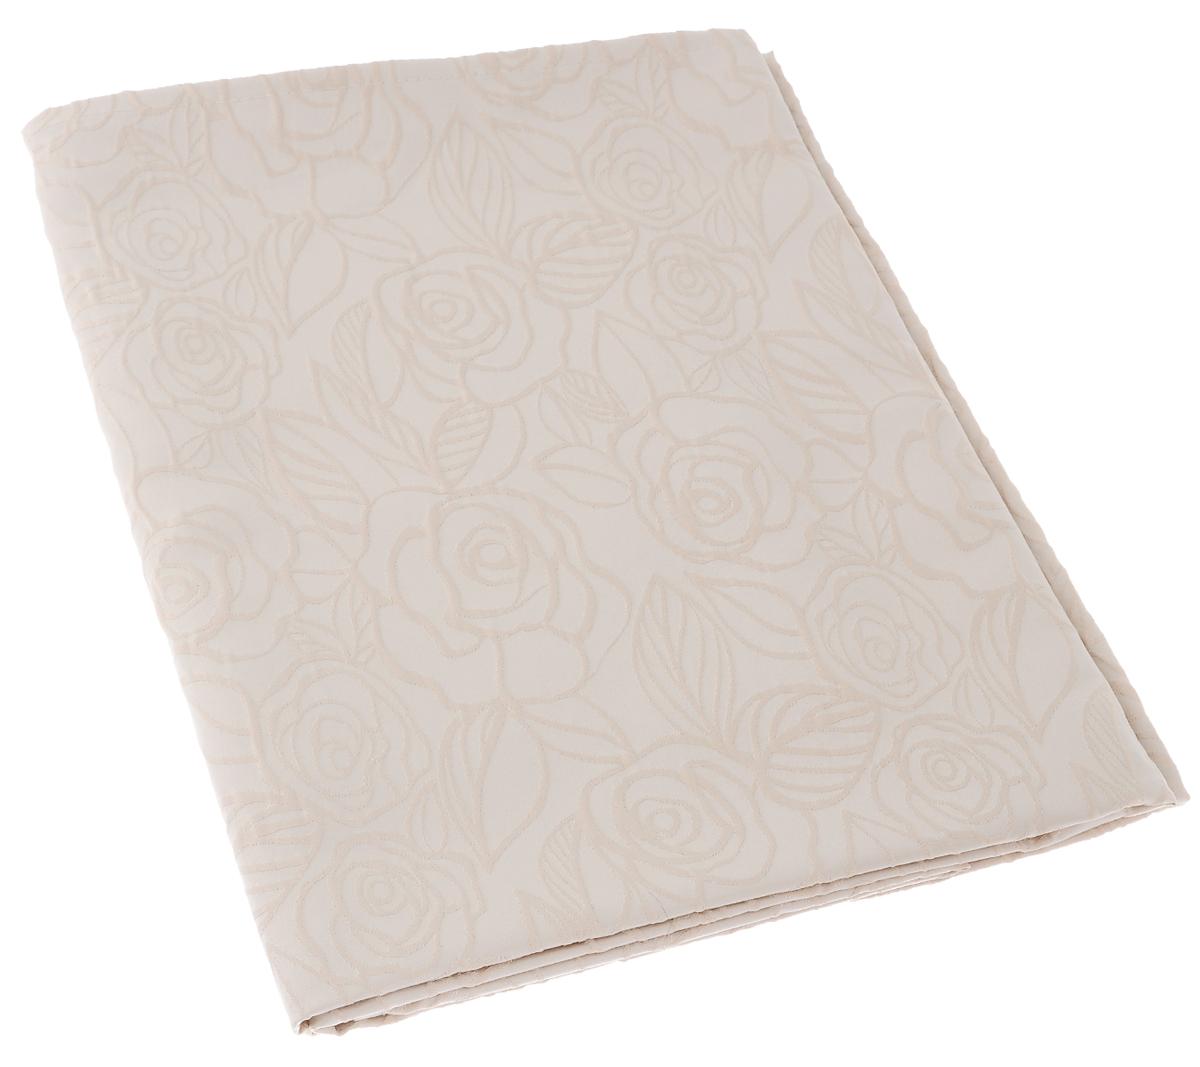 Скатерть Schaefer, прямоугольная, цвет: светло-бежевый, 130 х 160 см. 07550-427VT-1520(SR)Изящная прямоугольная скатерть Schaefer, выполненная из плотного полиэстера с водоотталкивающей пропиткой, станет украшением кухонного стола. Изделие декорировано рельефным цветочным узором.За текстилем из полиэстера очень легко ухаживать: он не мнется, не садится и быстро сохнет, легко стирается, более долговечен, чем текстиль из натуральных волокон.Использование такой скатерти сделает застолье торжественным, поднимет настроение гостей и приятно удивит их вашим изысканным вкусом. Также вы можете использовать эту скатерть для повседневной трапезы, превратив каждый прием пищи в волшебный праздник и веселье. Это текстильное изделие станет изысканным украшением вашего дома!